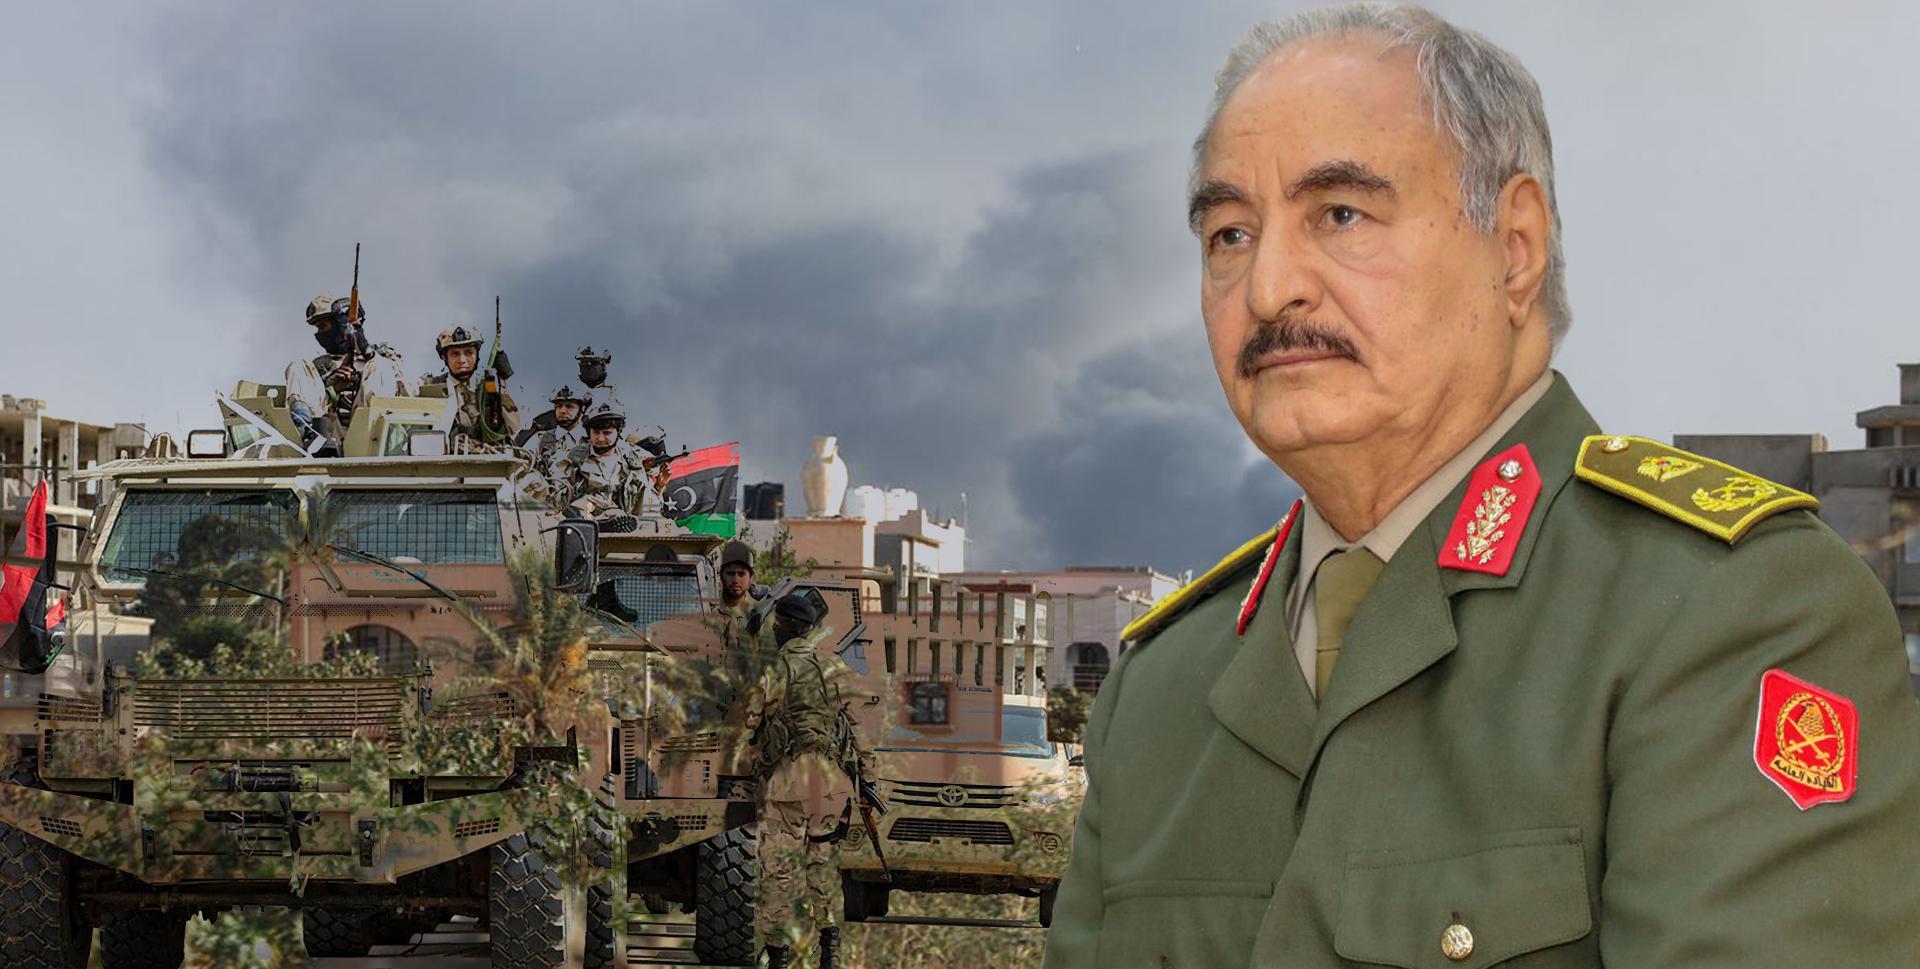 خليفة حفتر - اشتبكات طرابلس - الجيش الوطني